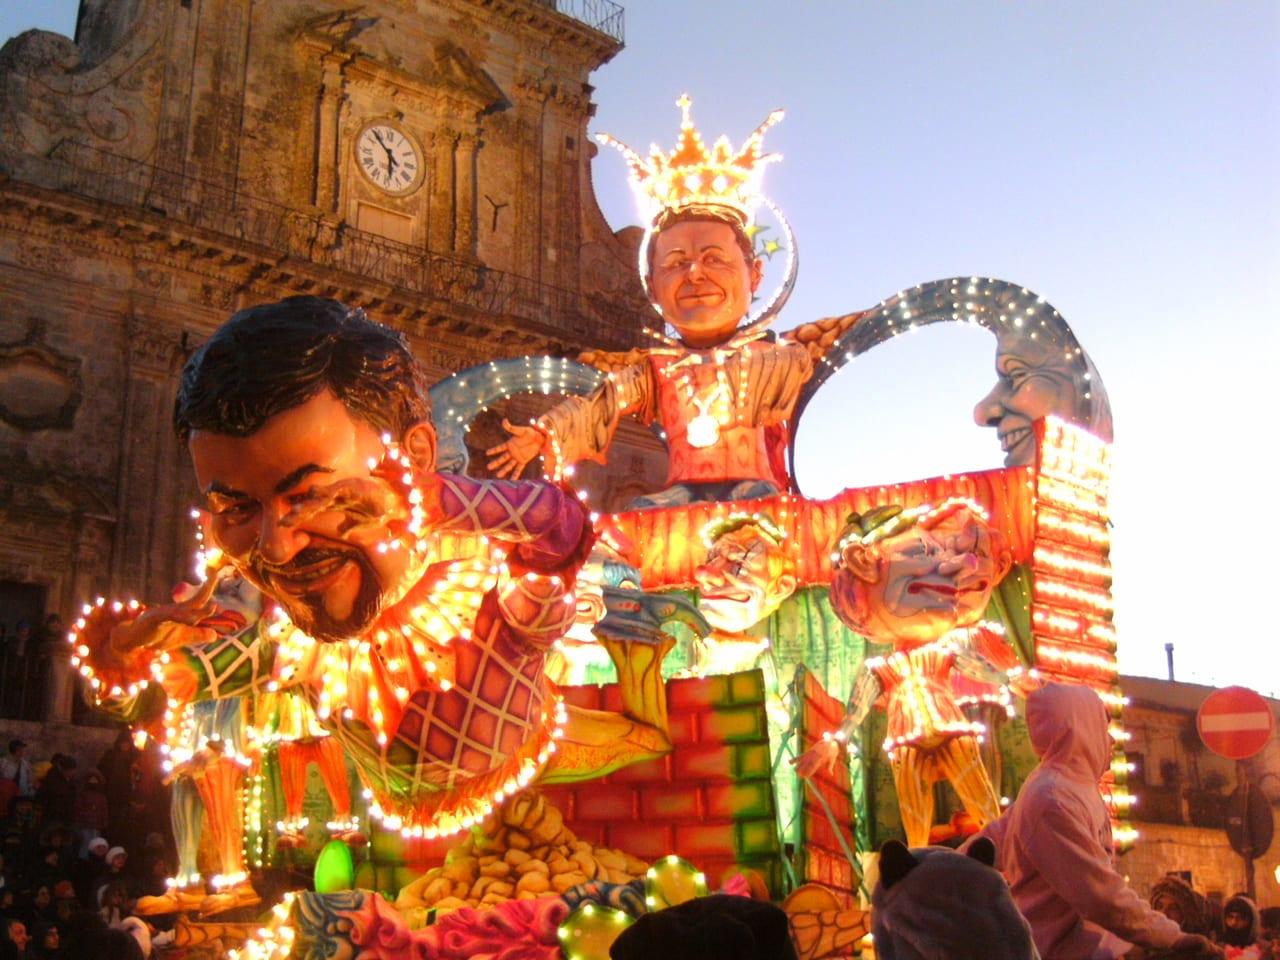 Carnival in Sicily, Palazzolo Acreide